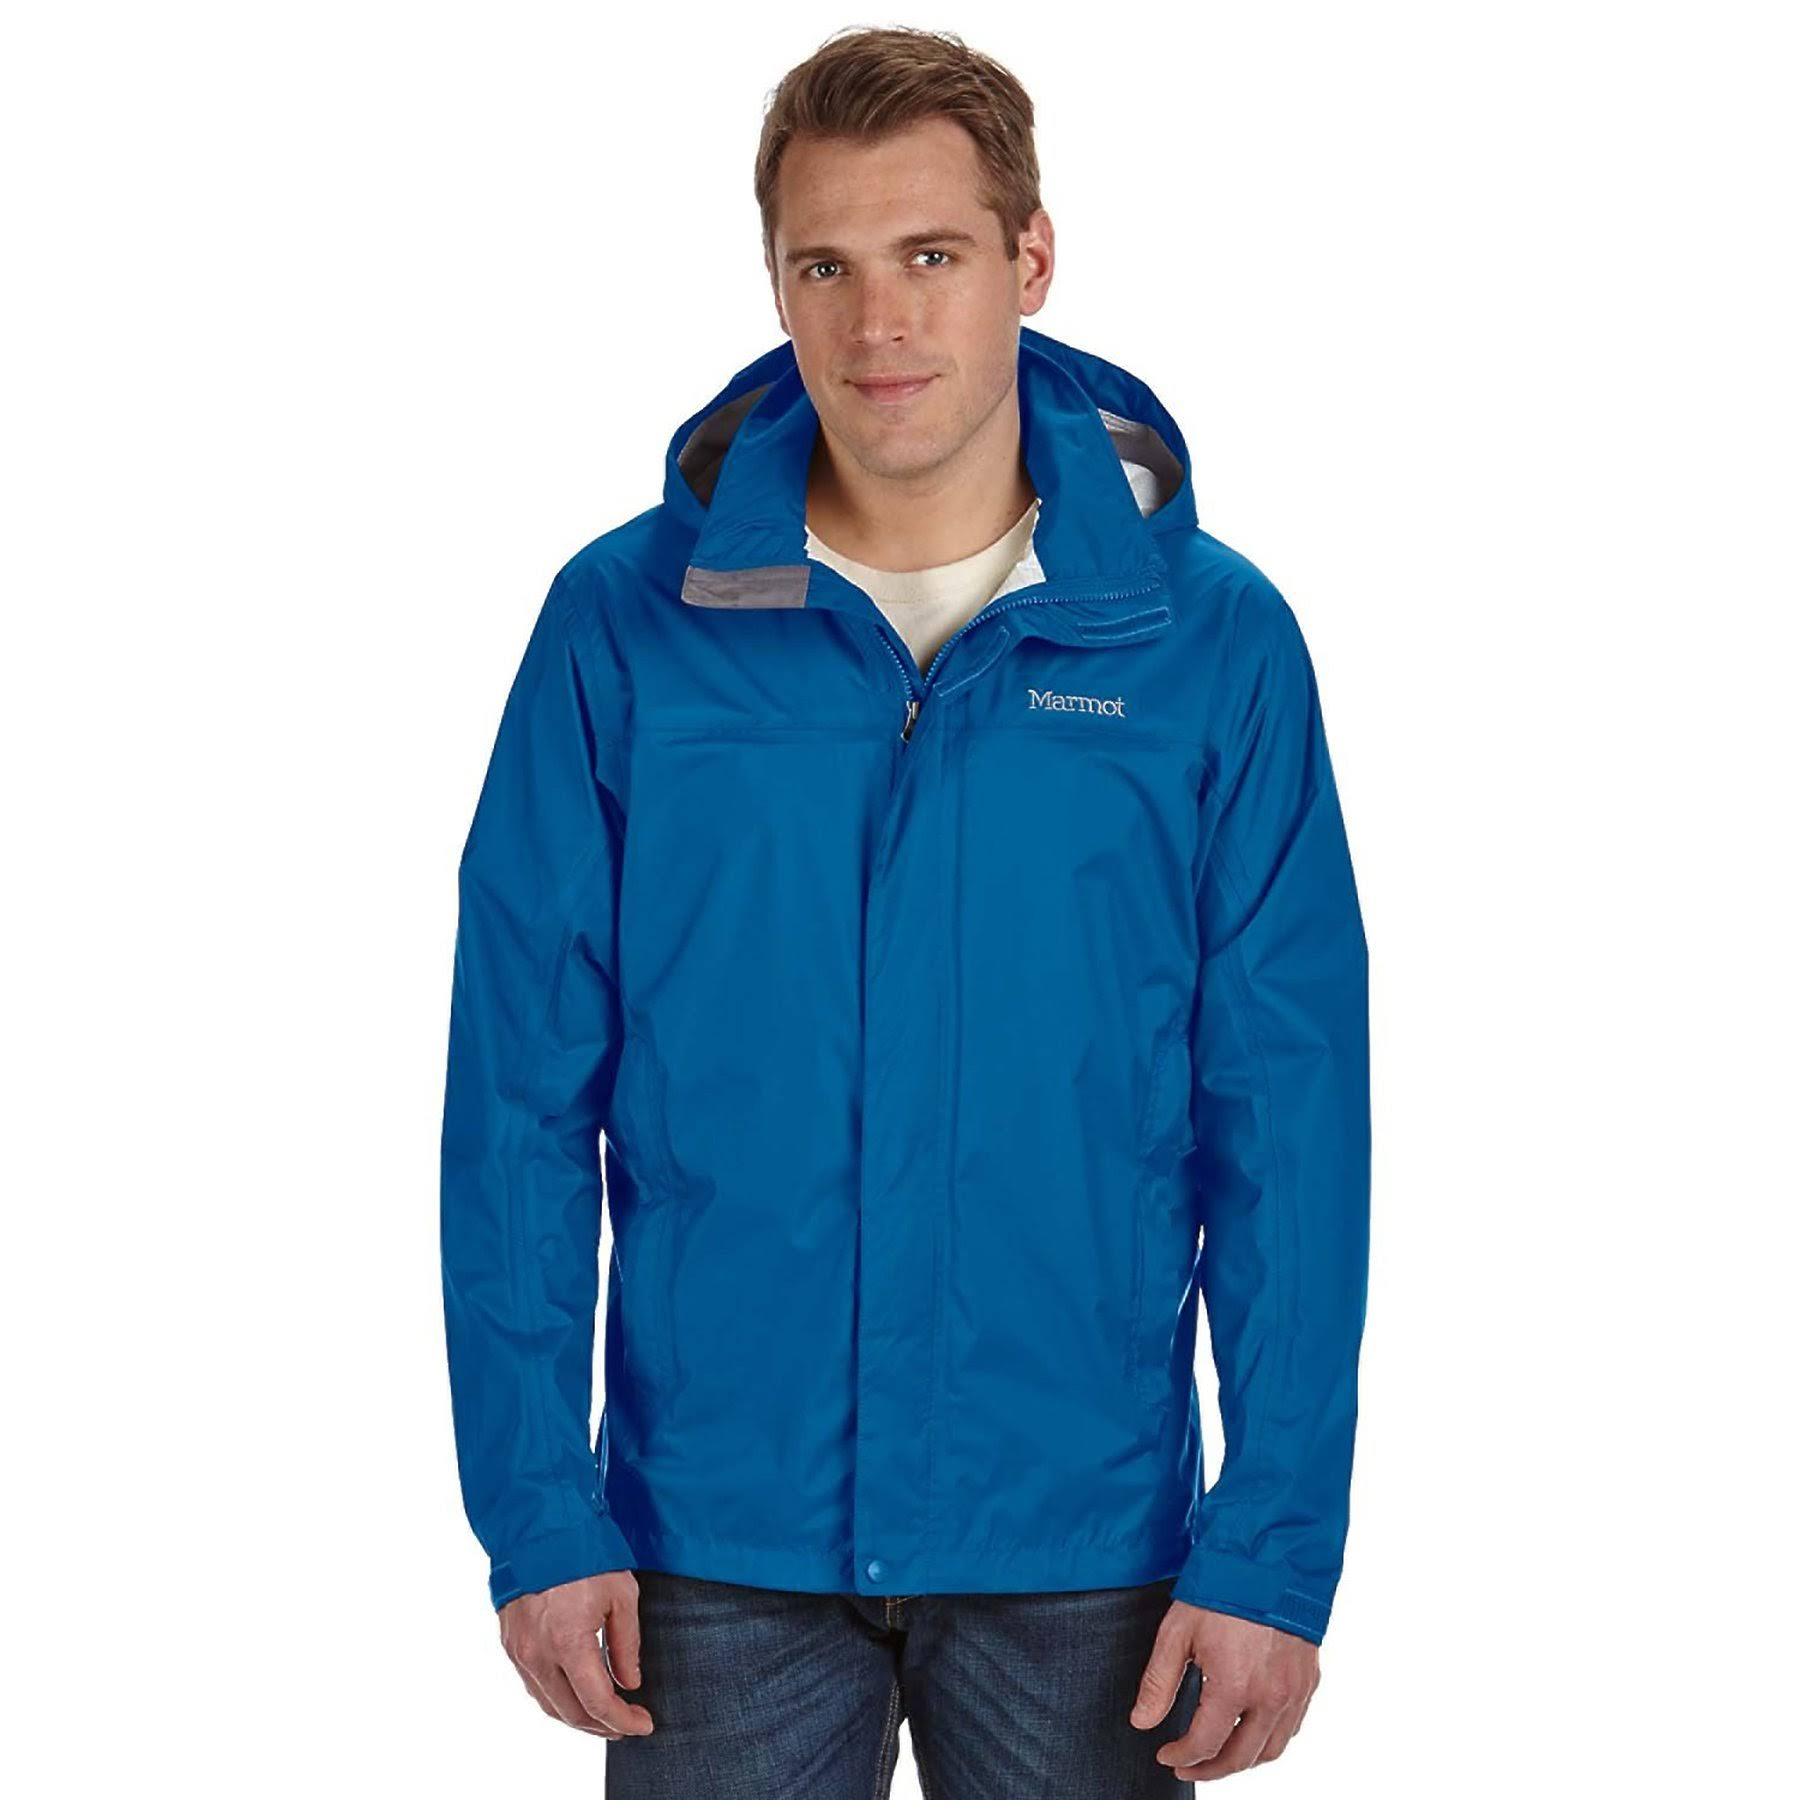 Blue Precip L Herren Jacket Sapphire Marmot Rq4xt4w6d